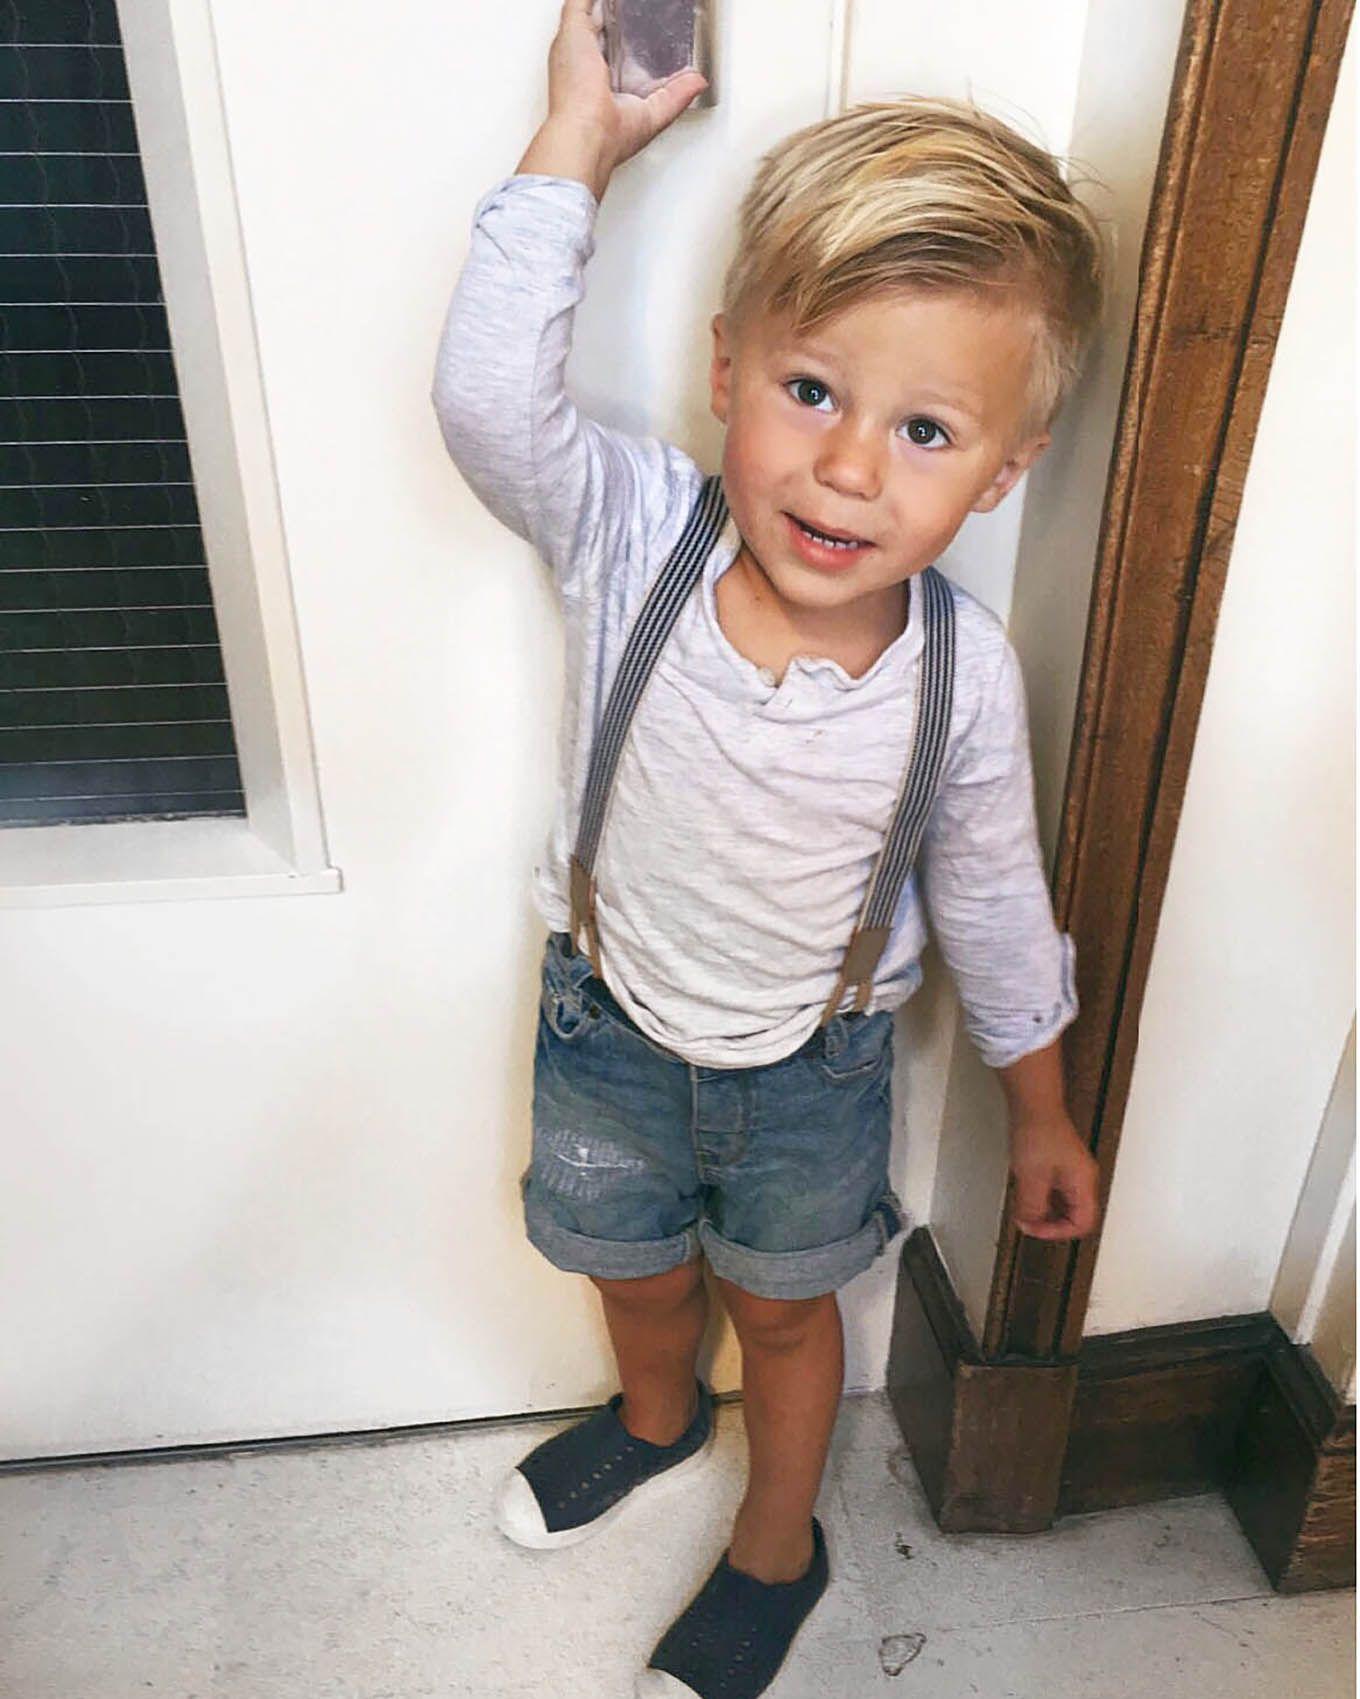 d4de7a572a92 Beckam Turns 3! Happy Birthday Baby Boy! (Hello Fashion)